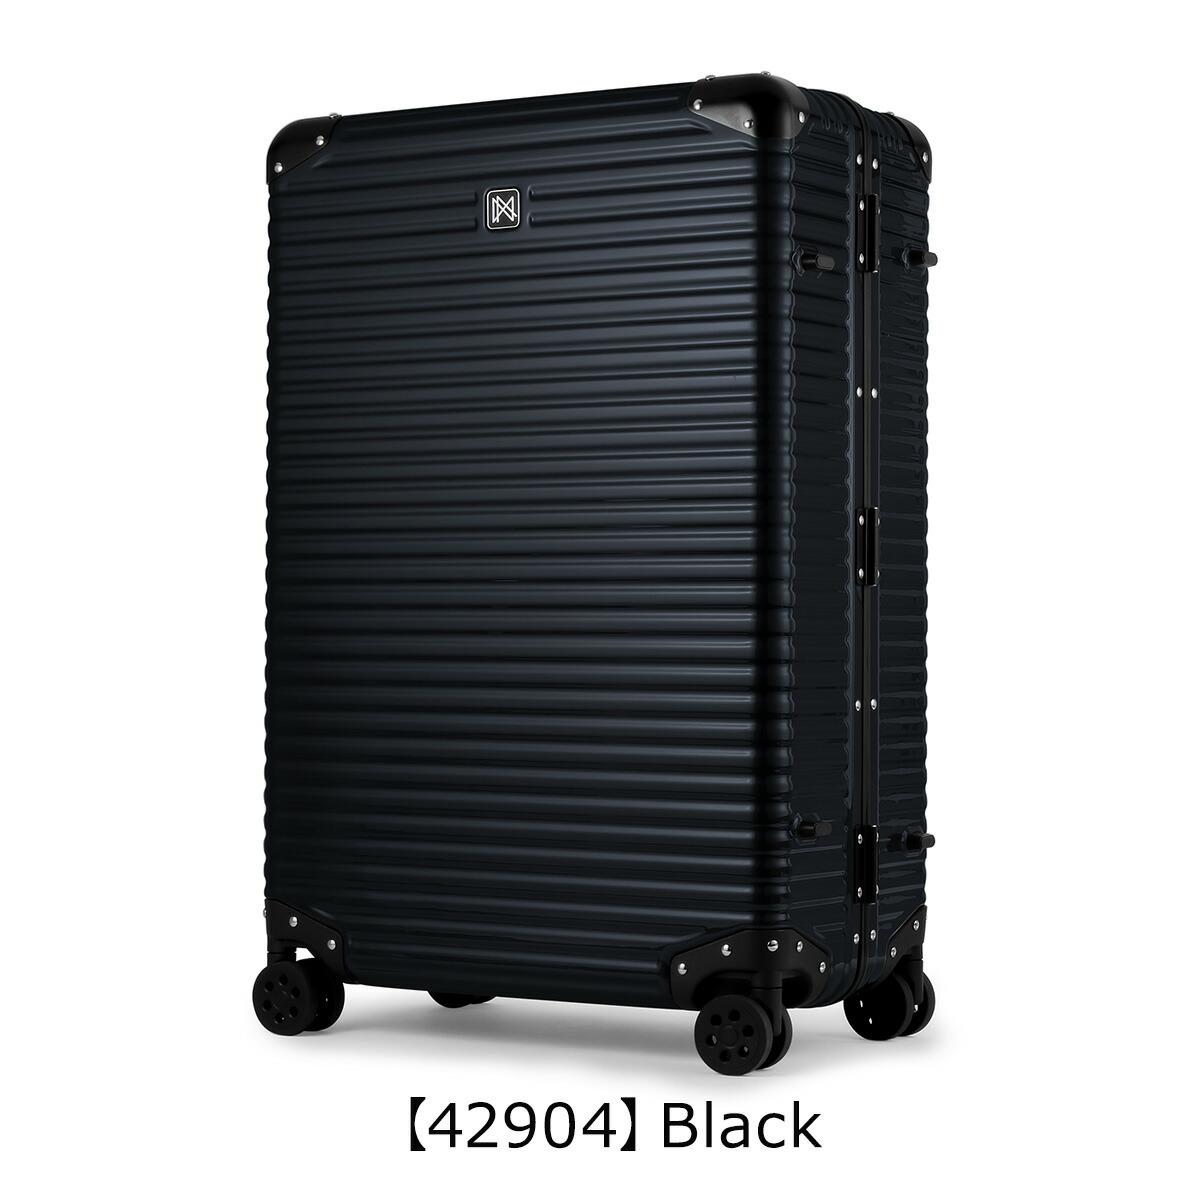 【42904】Black